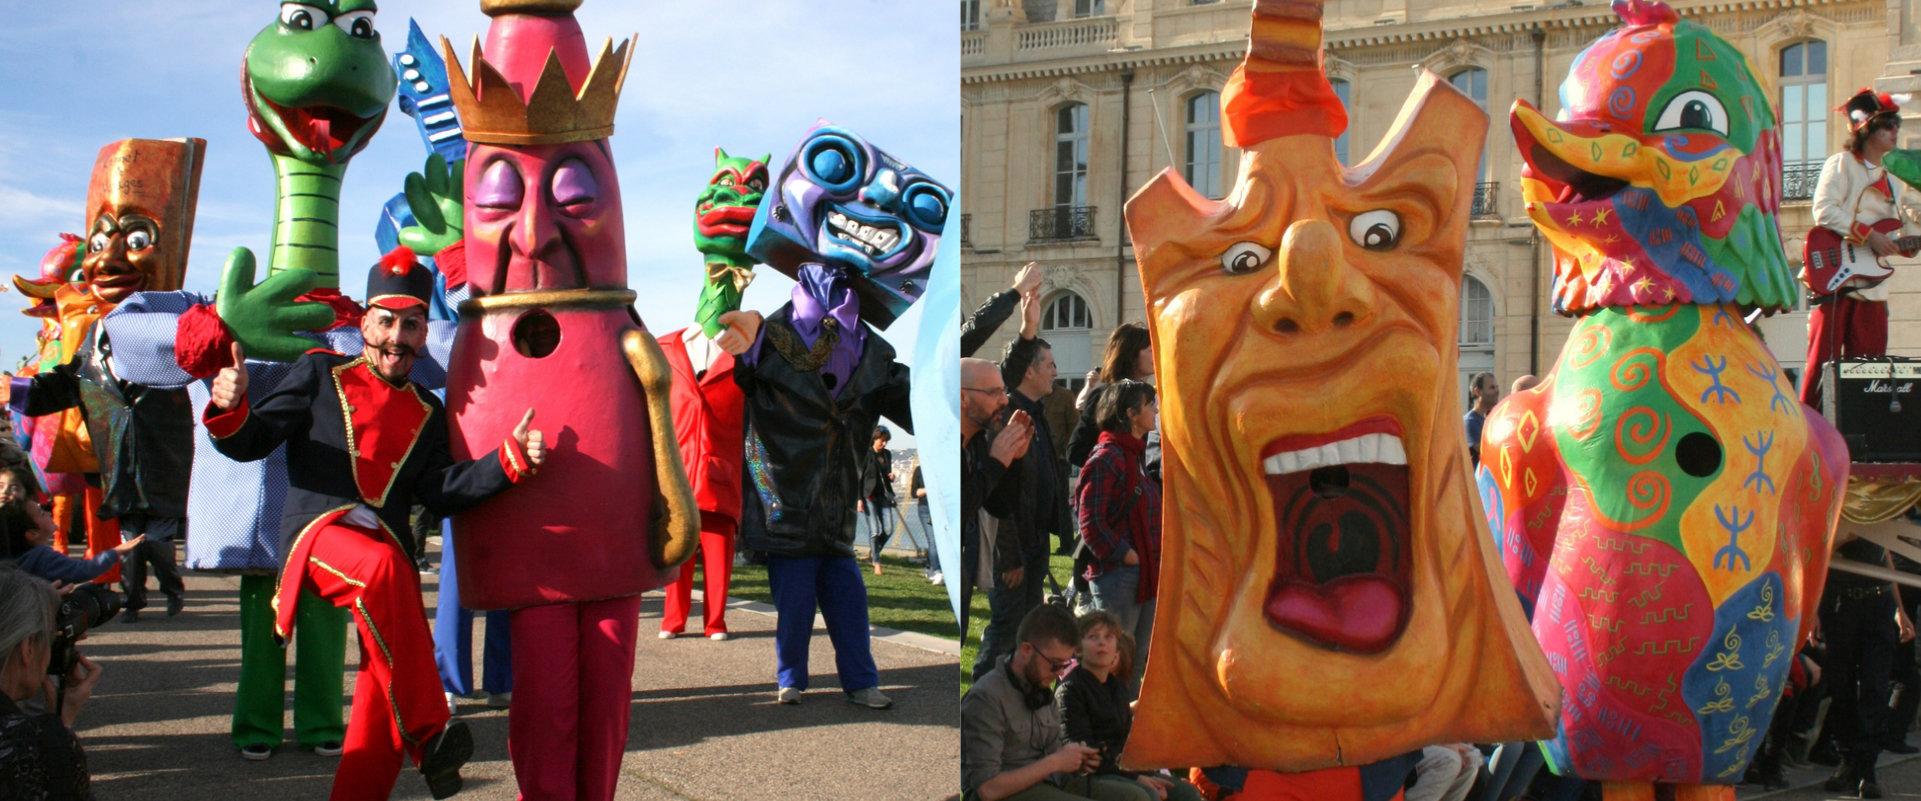 Déambulation et animation carnavalesque